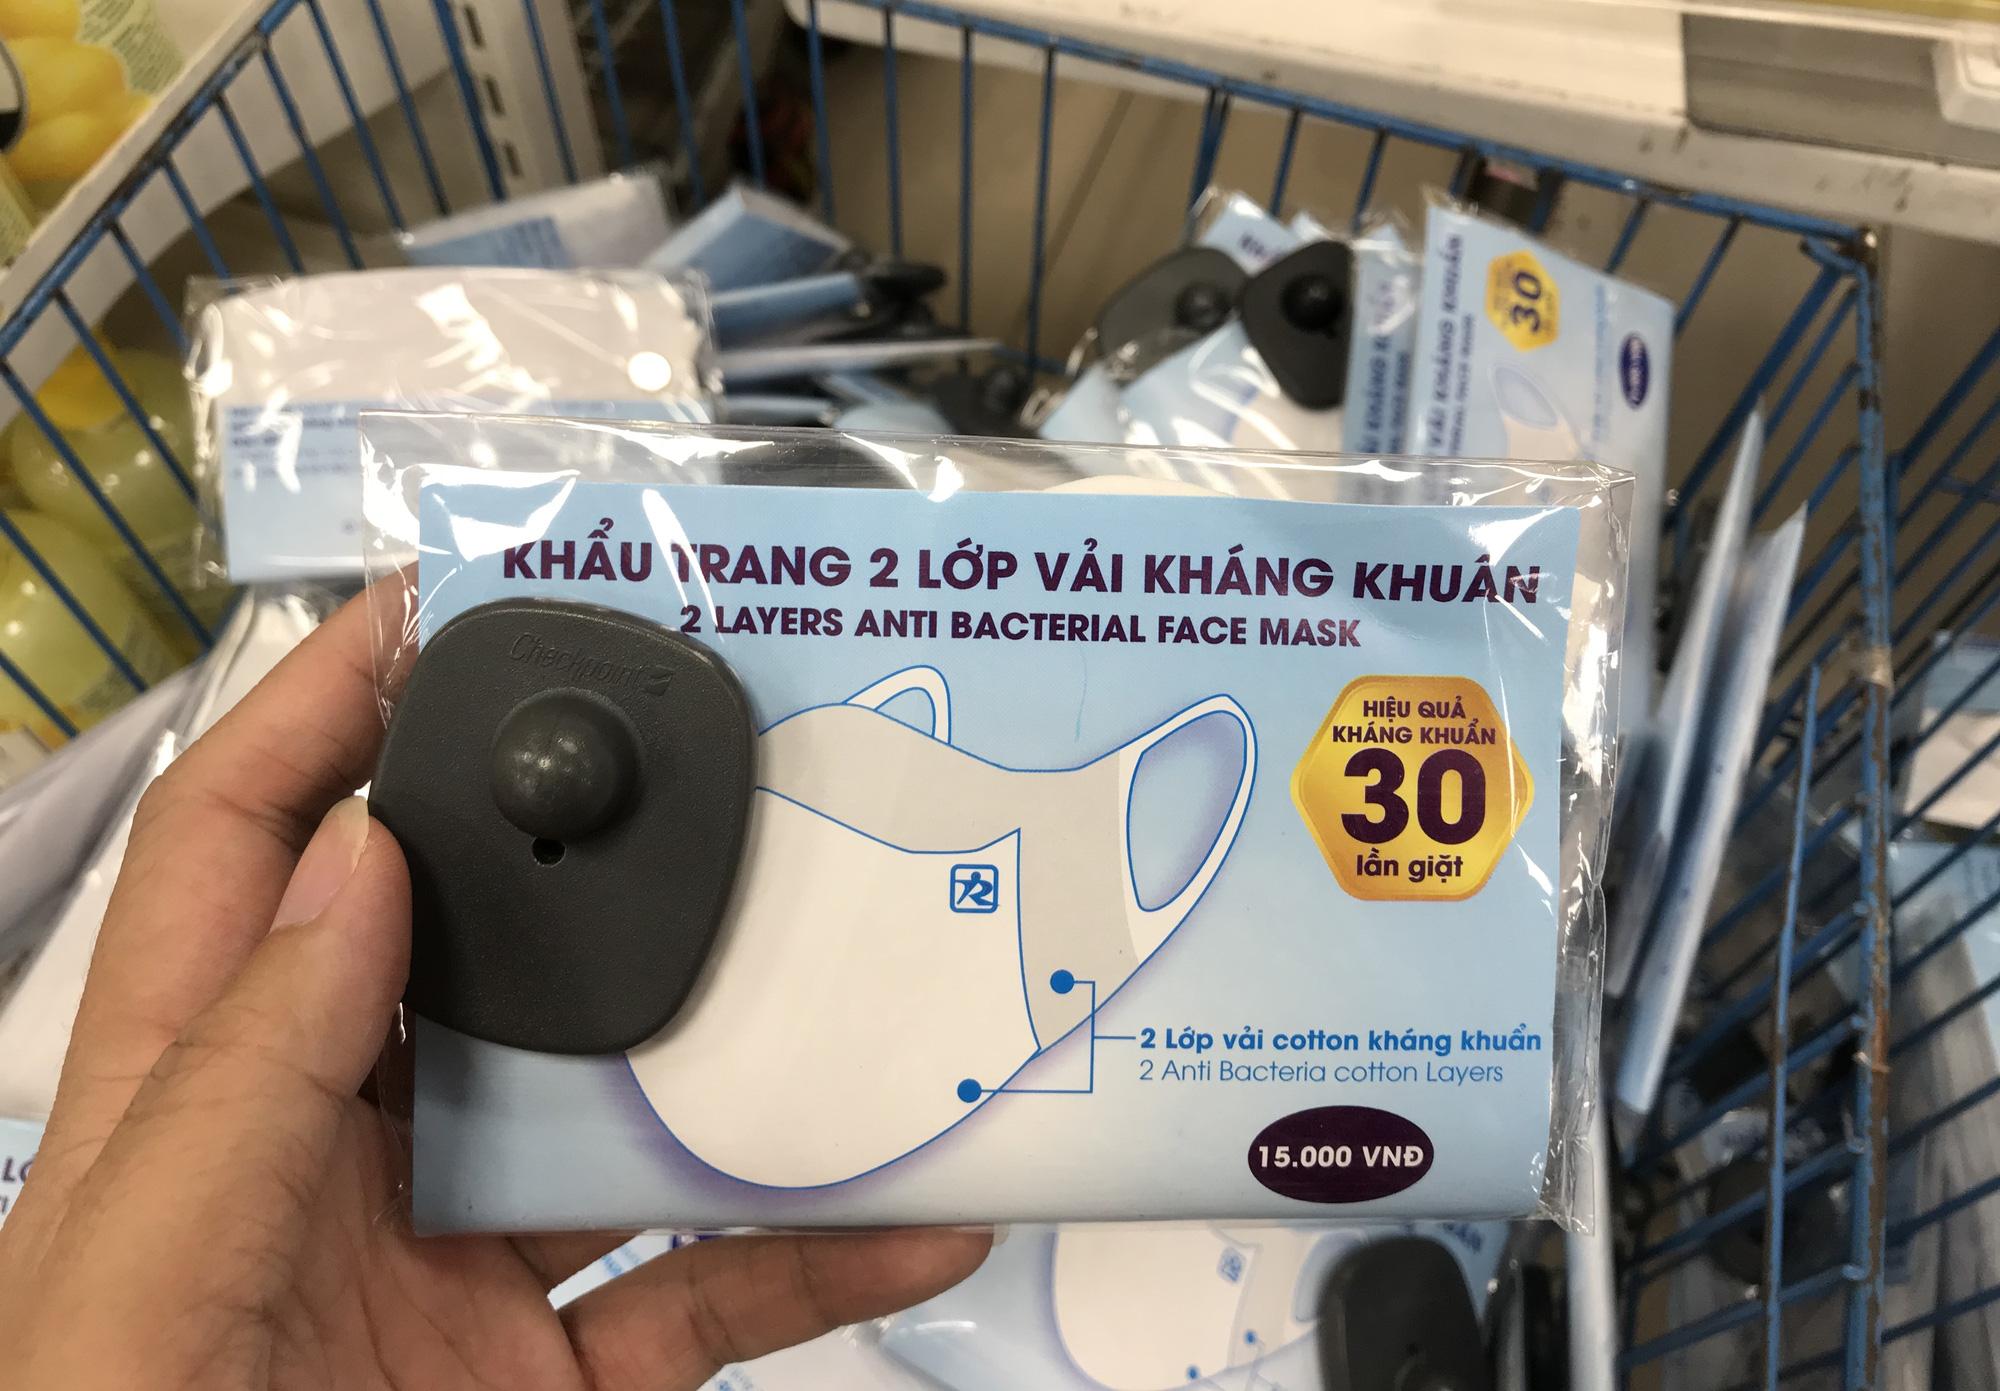 Cận cảnh khẩu trang kháng khuẩn giặt 30 lần, giá chỉ 9.500 đồng tại Co.opmart, có khách mua 50 chiếc - Ảnh 2.